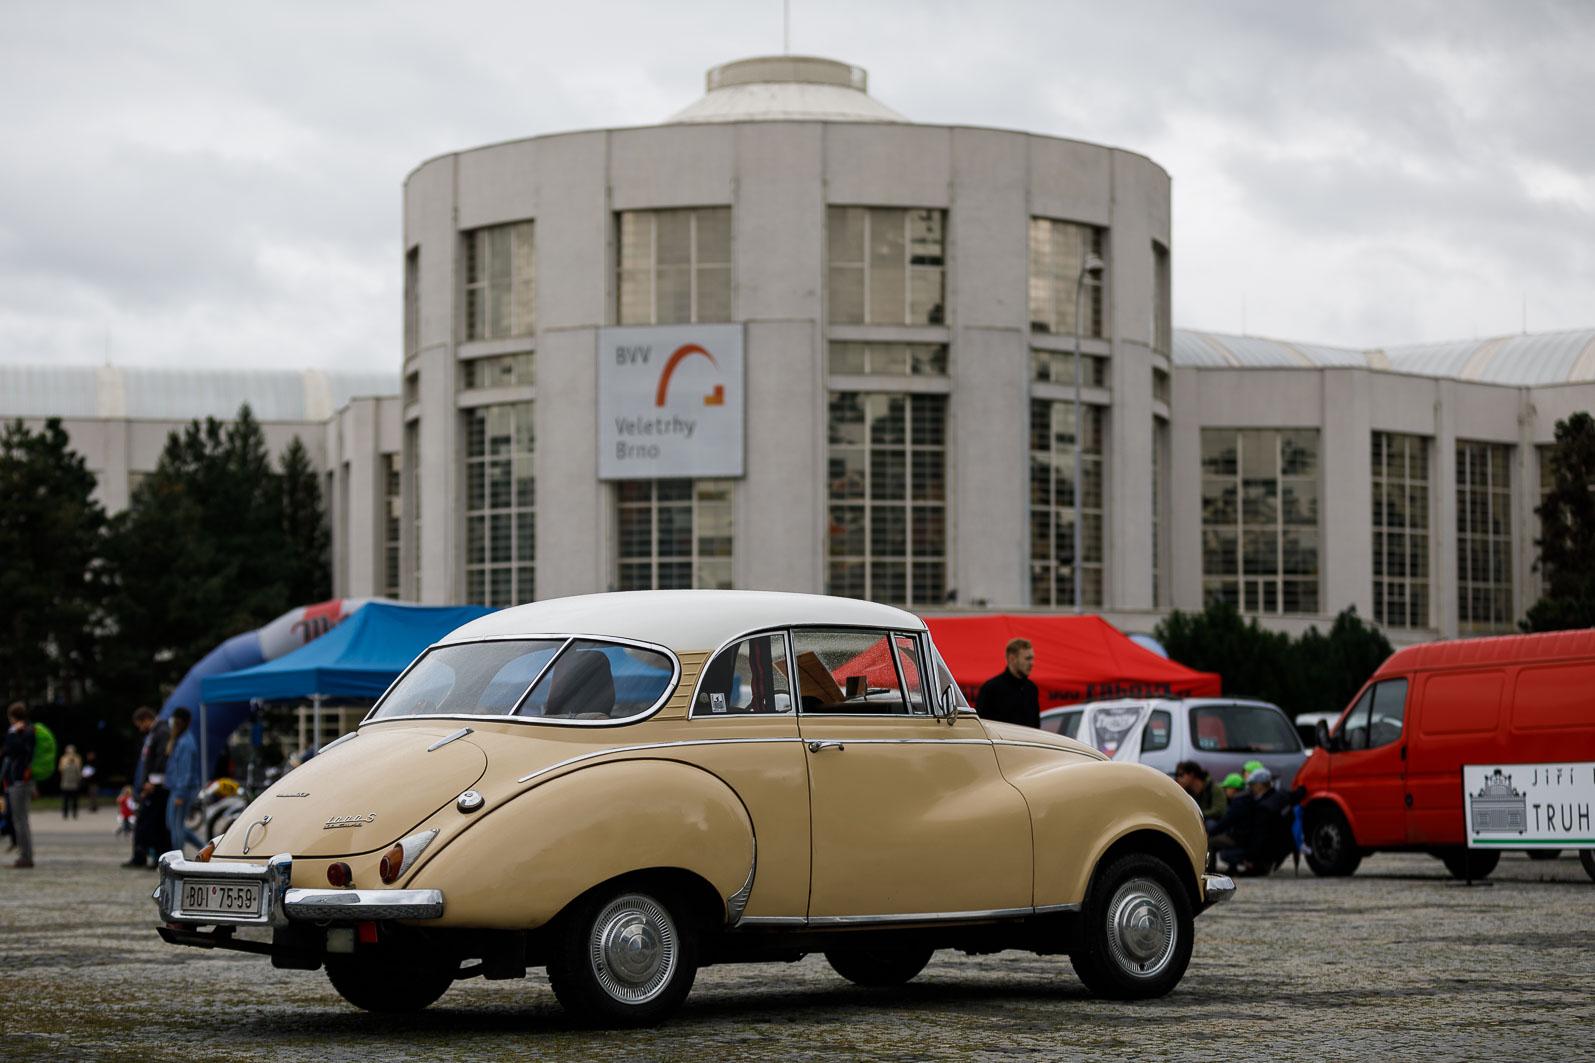 Na Revival Brno 2020 sa predviedol Talbot, ktorý zbiera svetové ocenenia STZxBCB4uU revival-8217